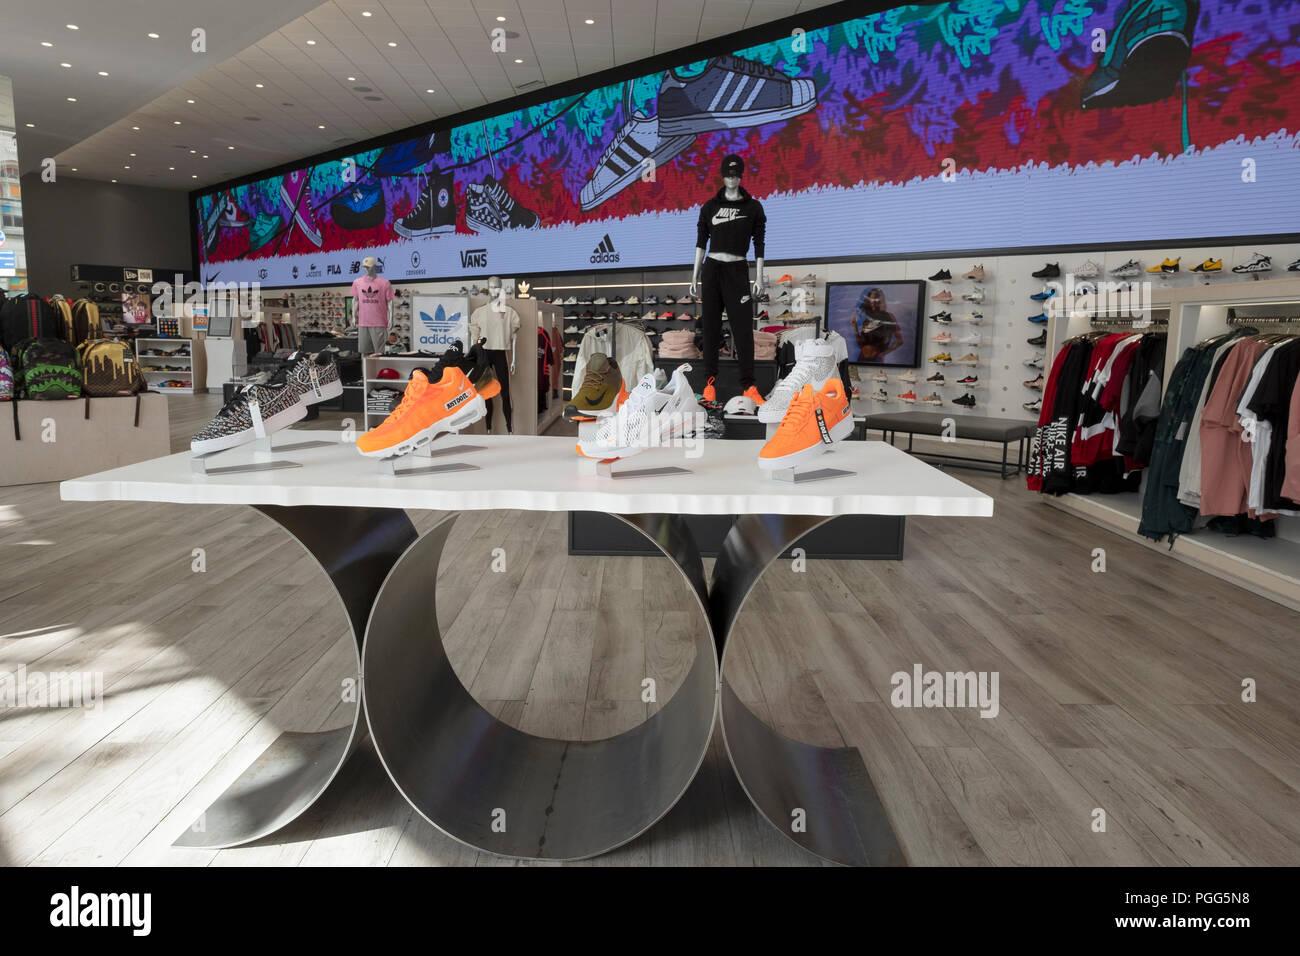 5549721dcb Un display di Nike scarpe da ginnastica per la vendita a calci USA, un  negozio